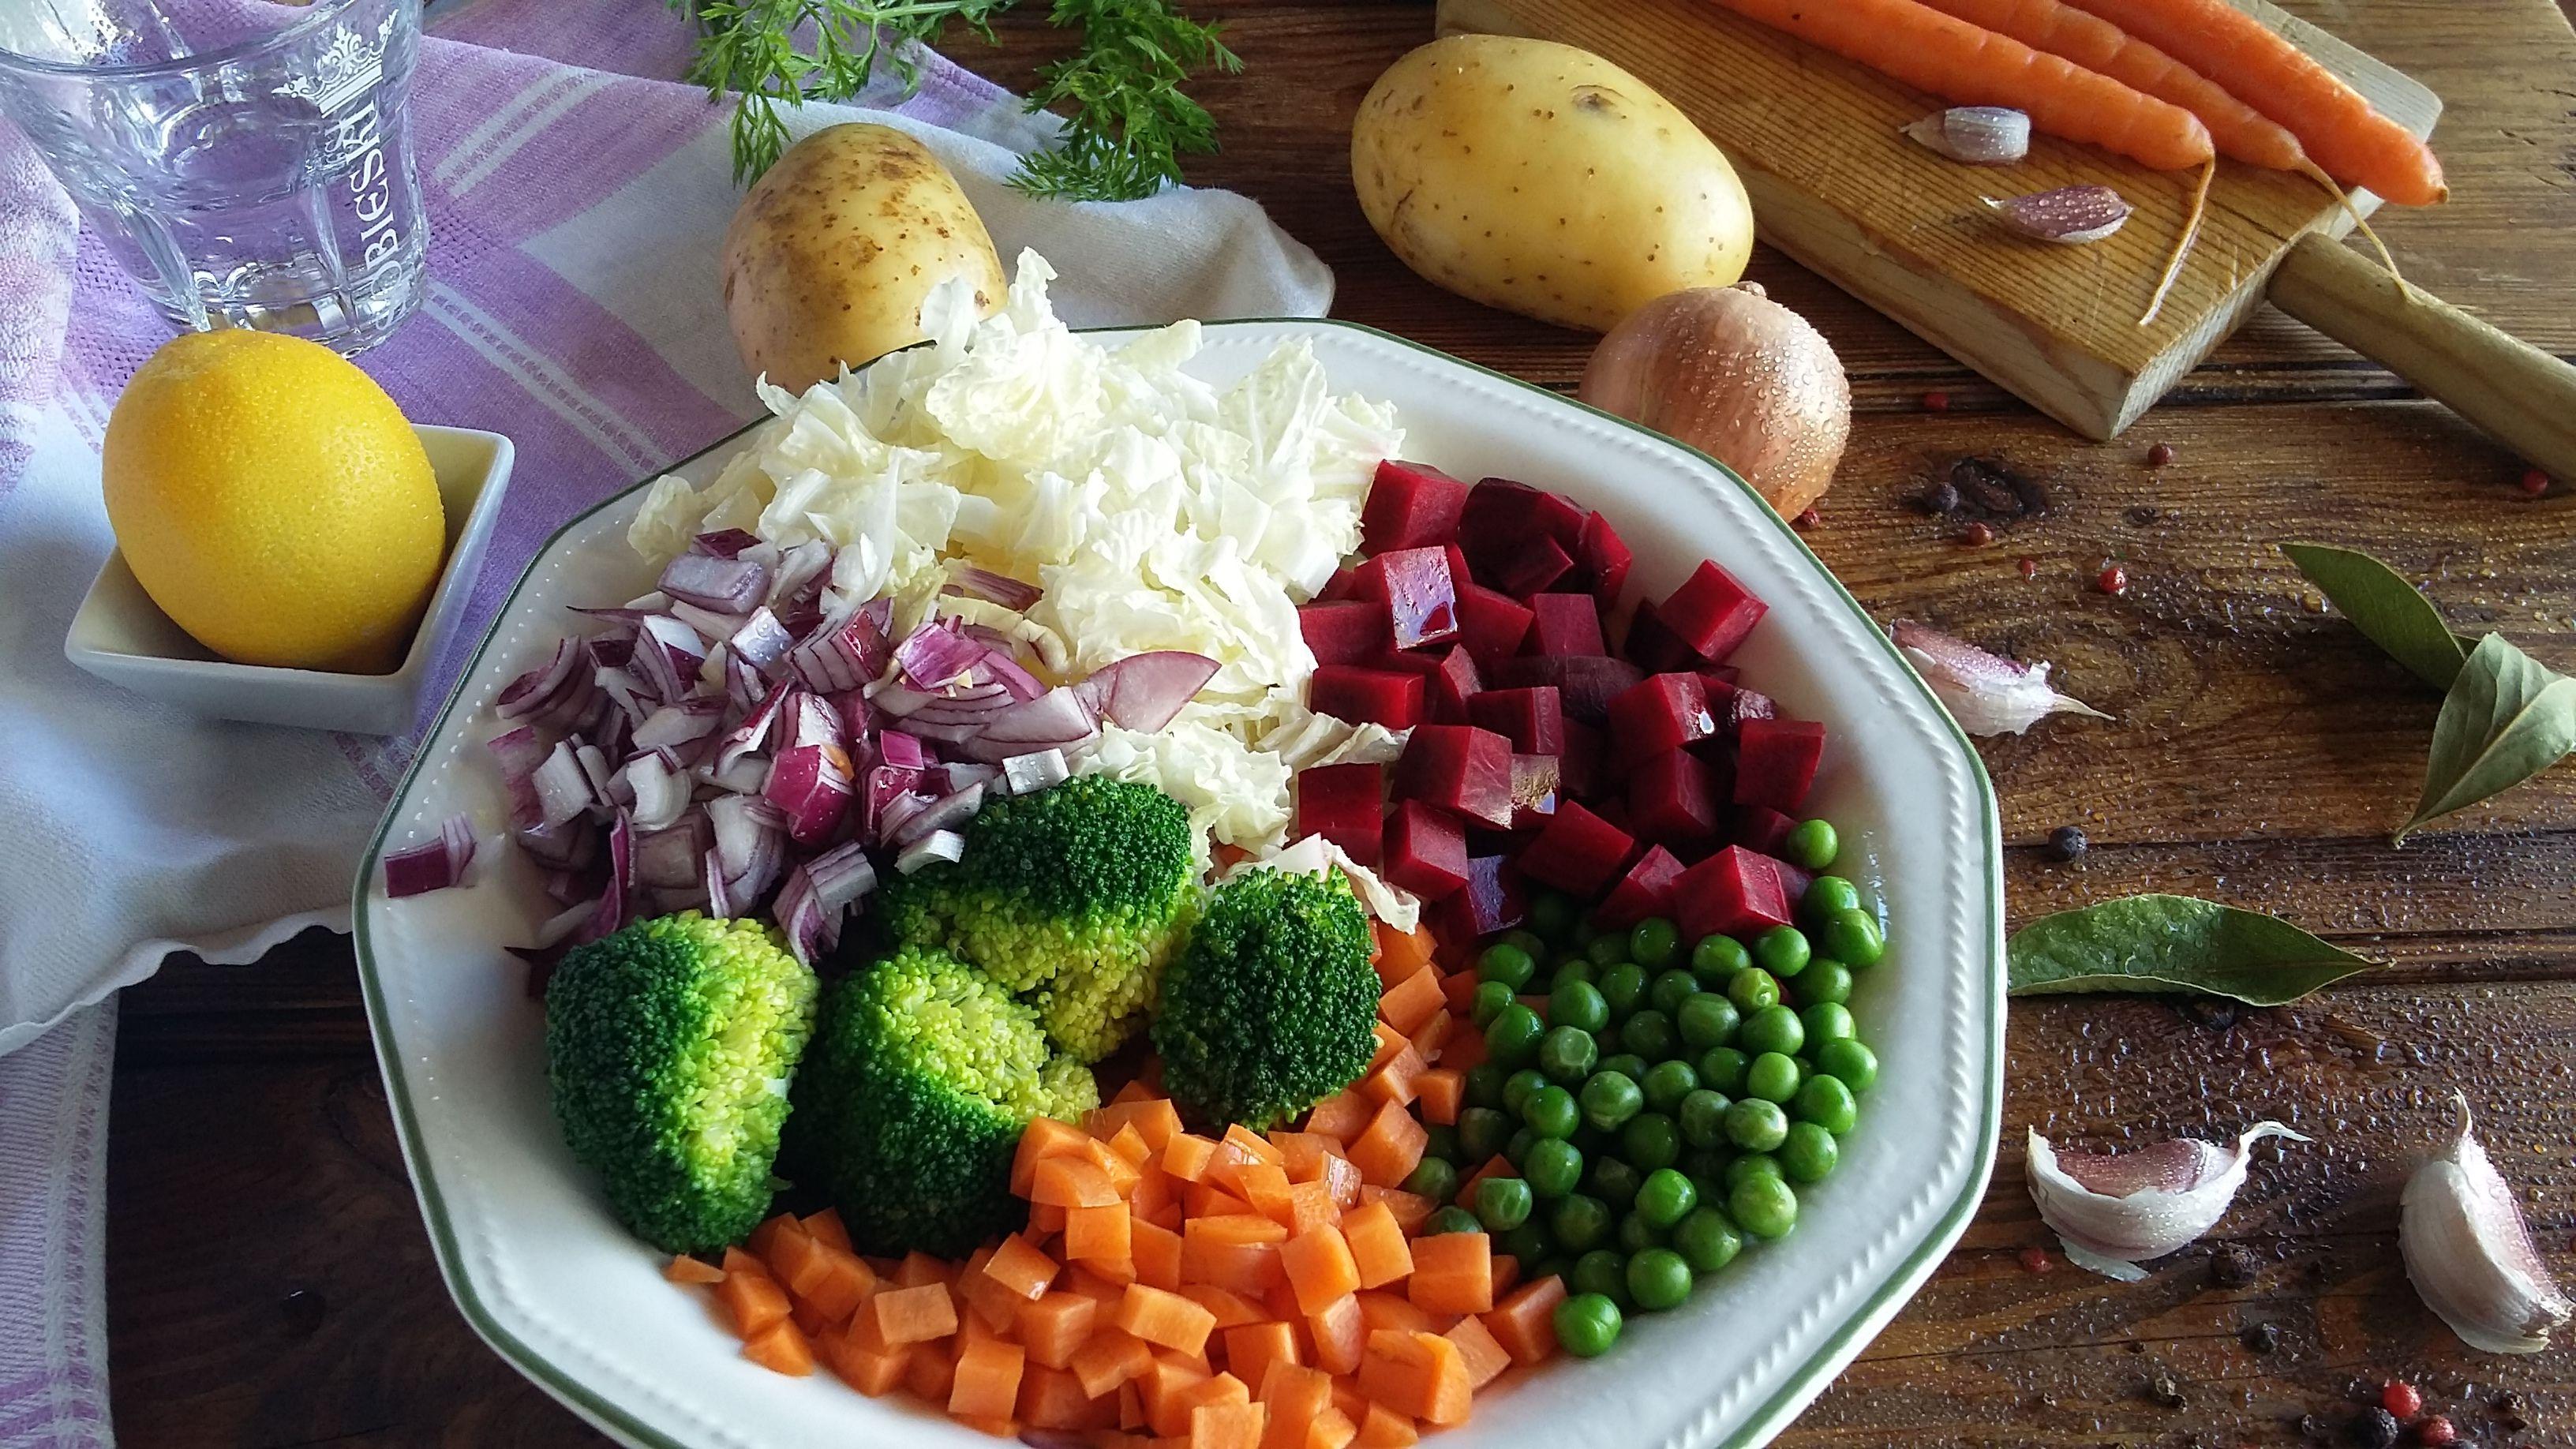 Borsch - sopa de verduras.  Él es amado no solo en Rusia y Ucrania, sino también en Polonia (Barsch), Lituania (Barschchiai), Rumania y Moldavia (Borsh). Cada familia tiene su propia receta de borscht. Alguien agrega champiñones, algunos frijoles, algunos ahumados. Aquí le enseñamos hacer el Borsch de verduras.